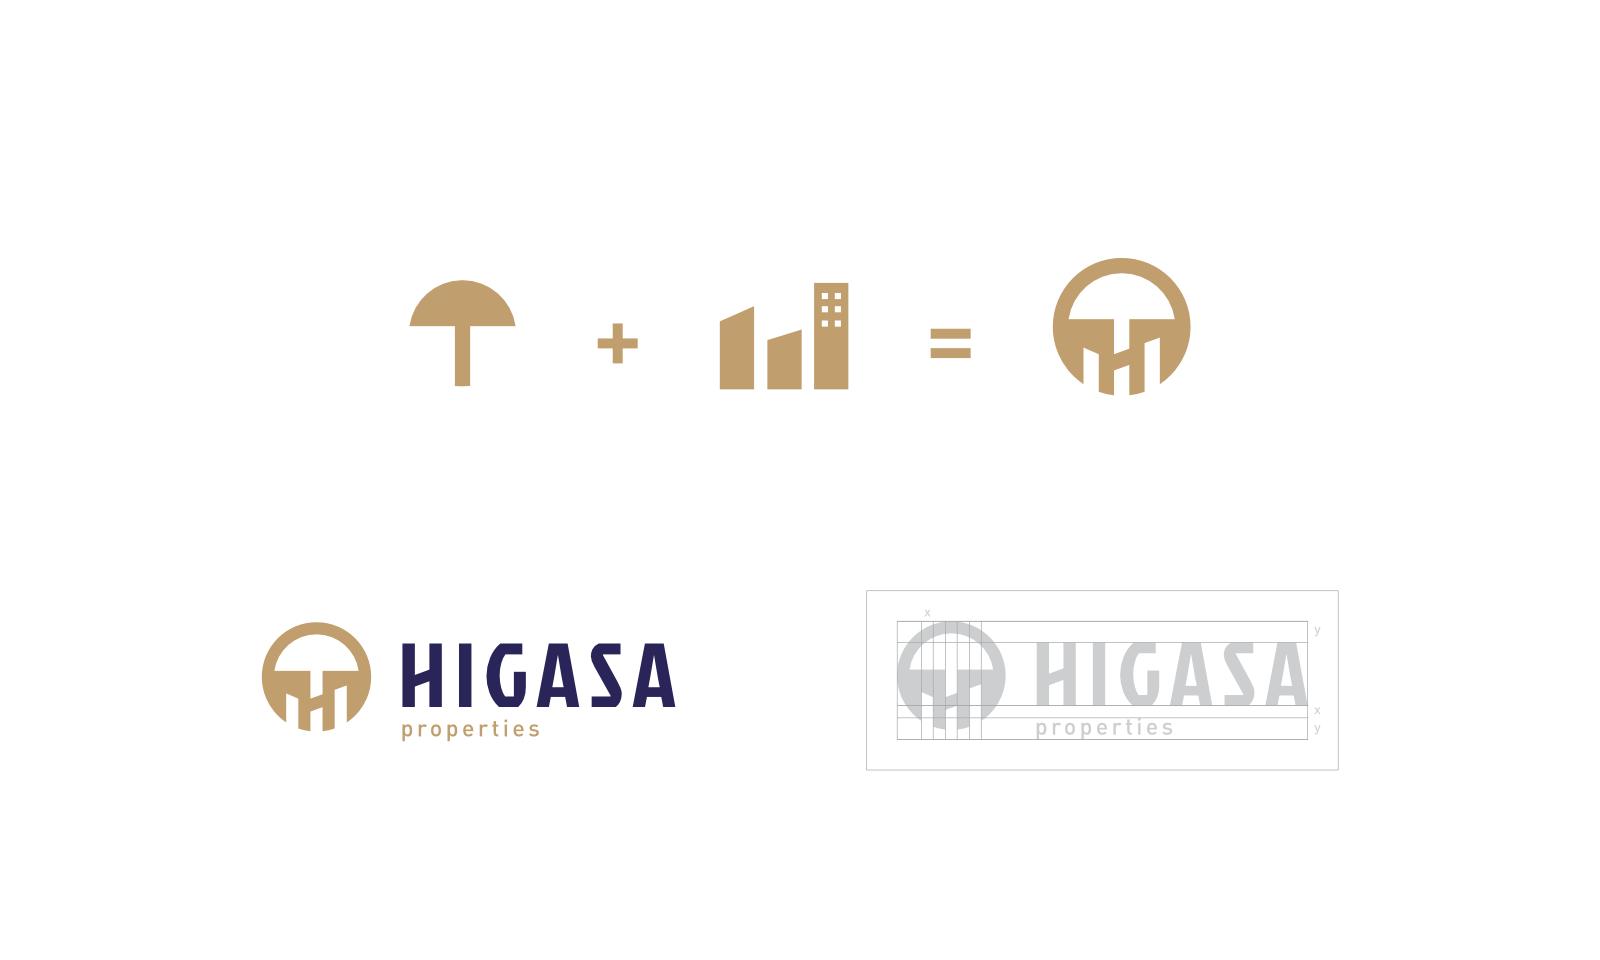 Higasa